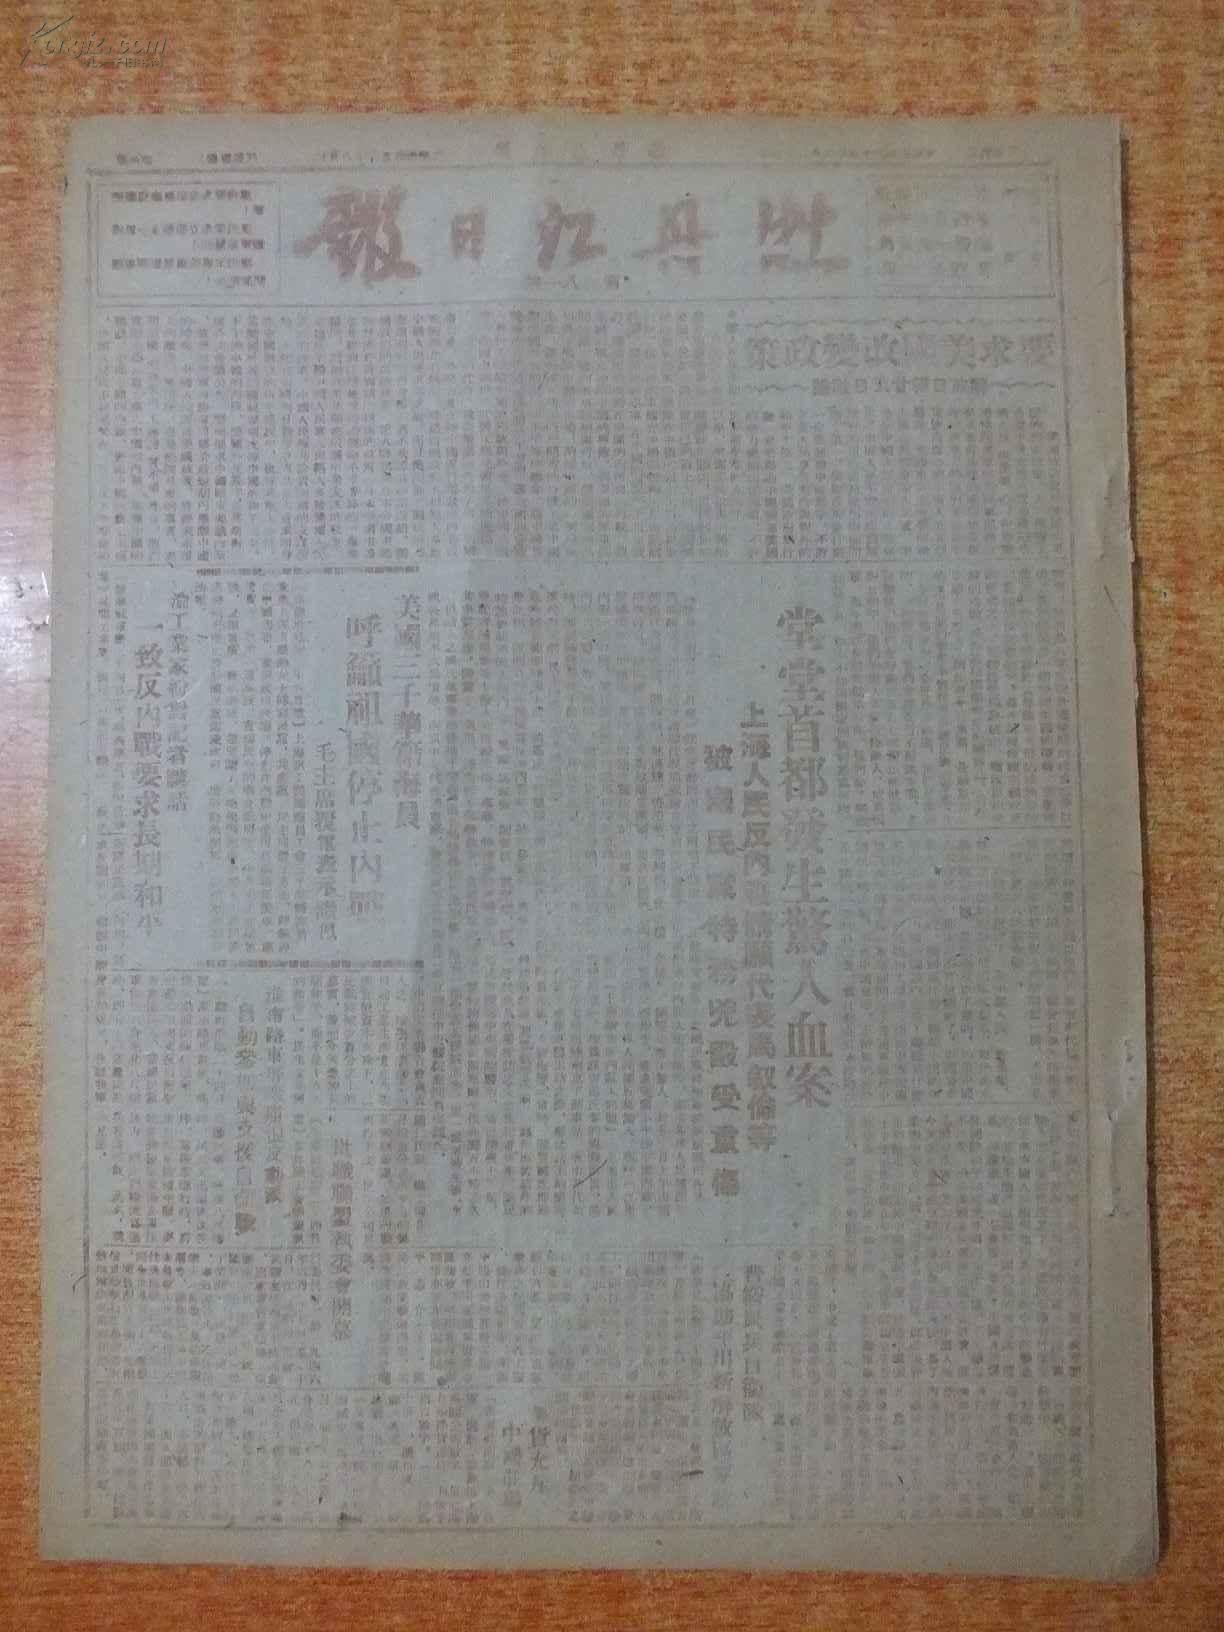 民国35年6月27日《牡丹江日报》红印 堂堂首都发生惊人血案 ,追悼殉难三烈士反动派屠杀工人的事实